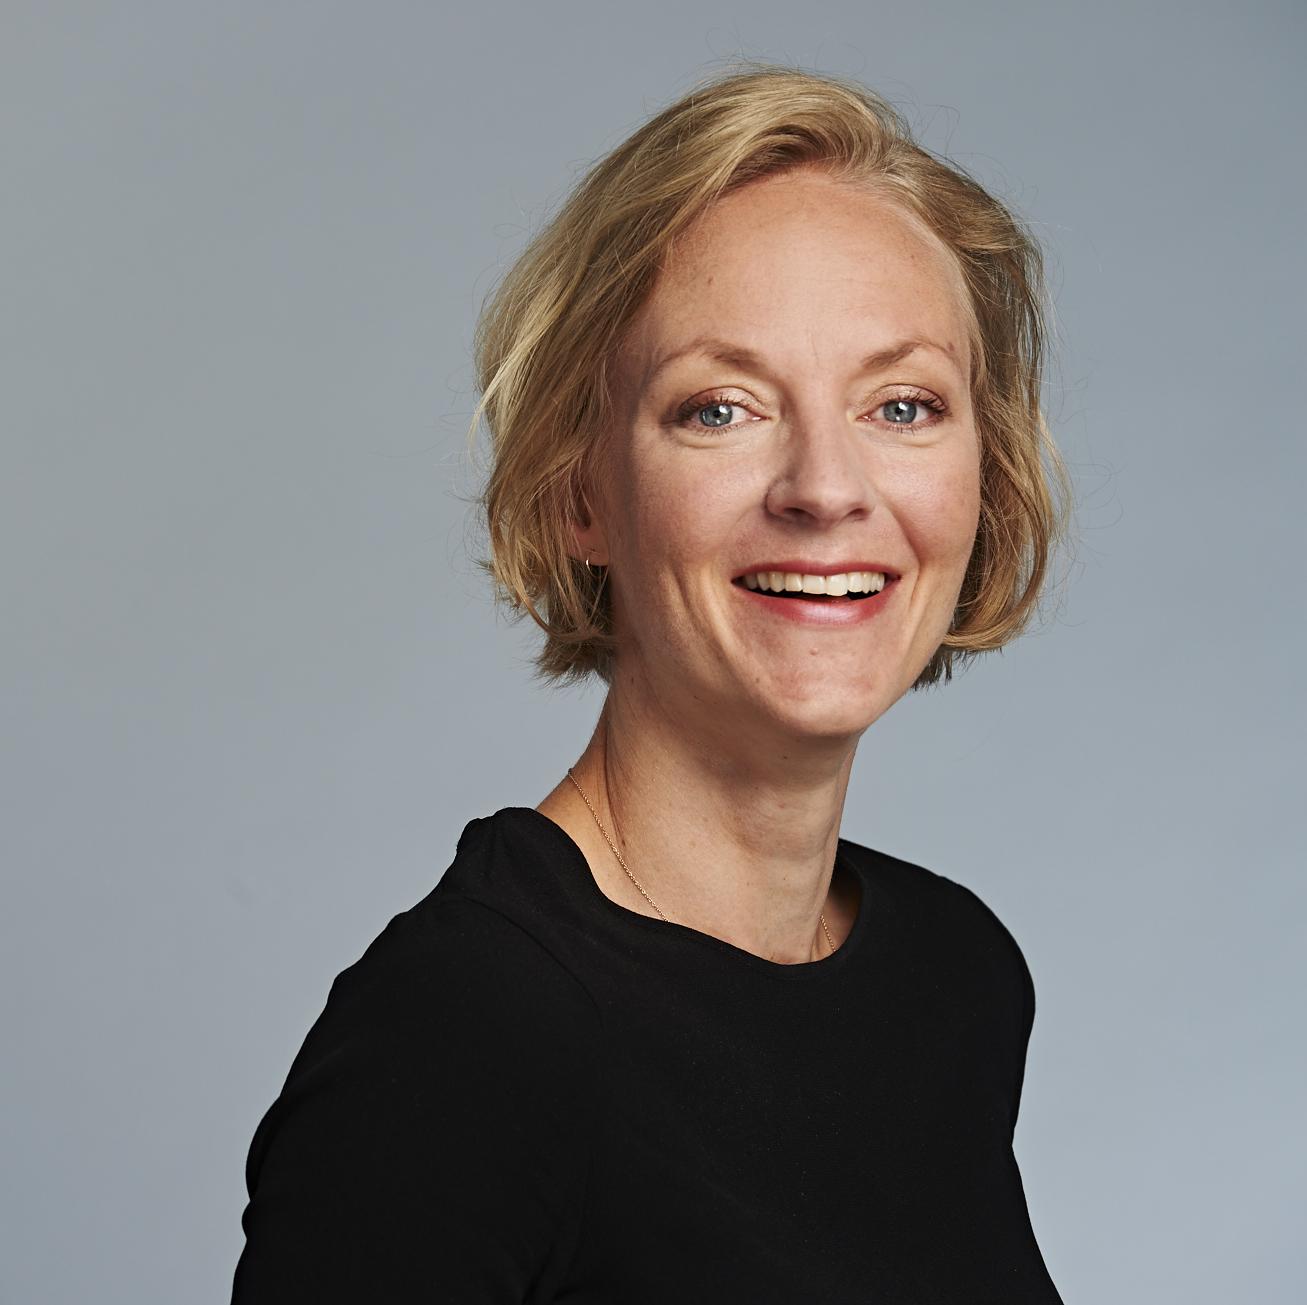 Katherine Ossenkopp